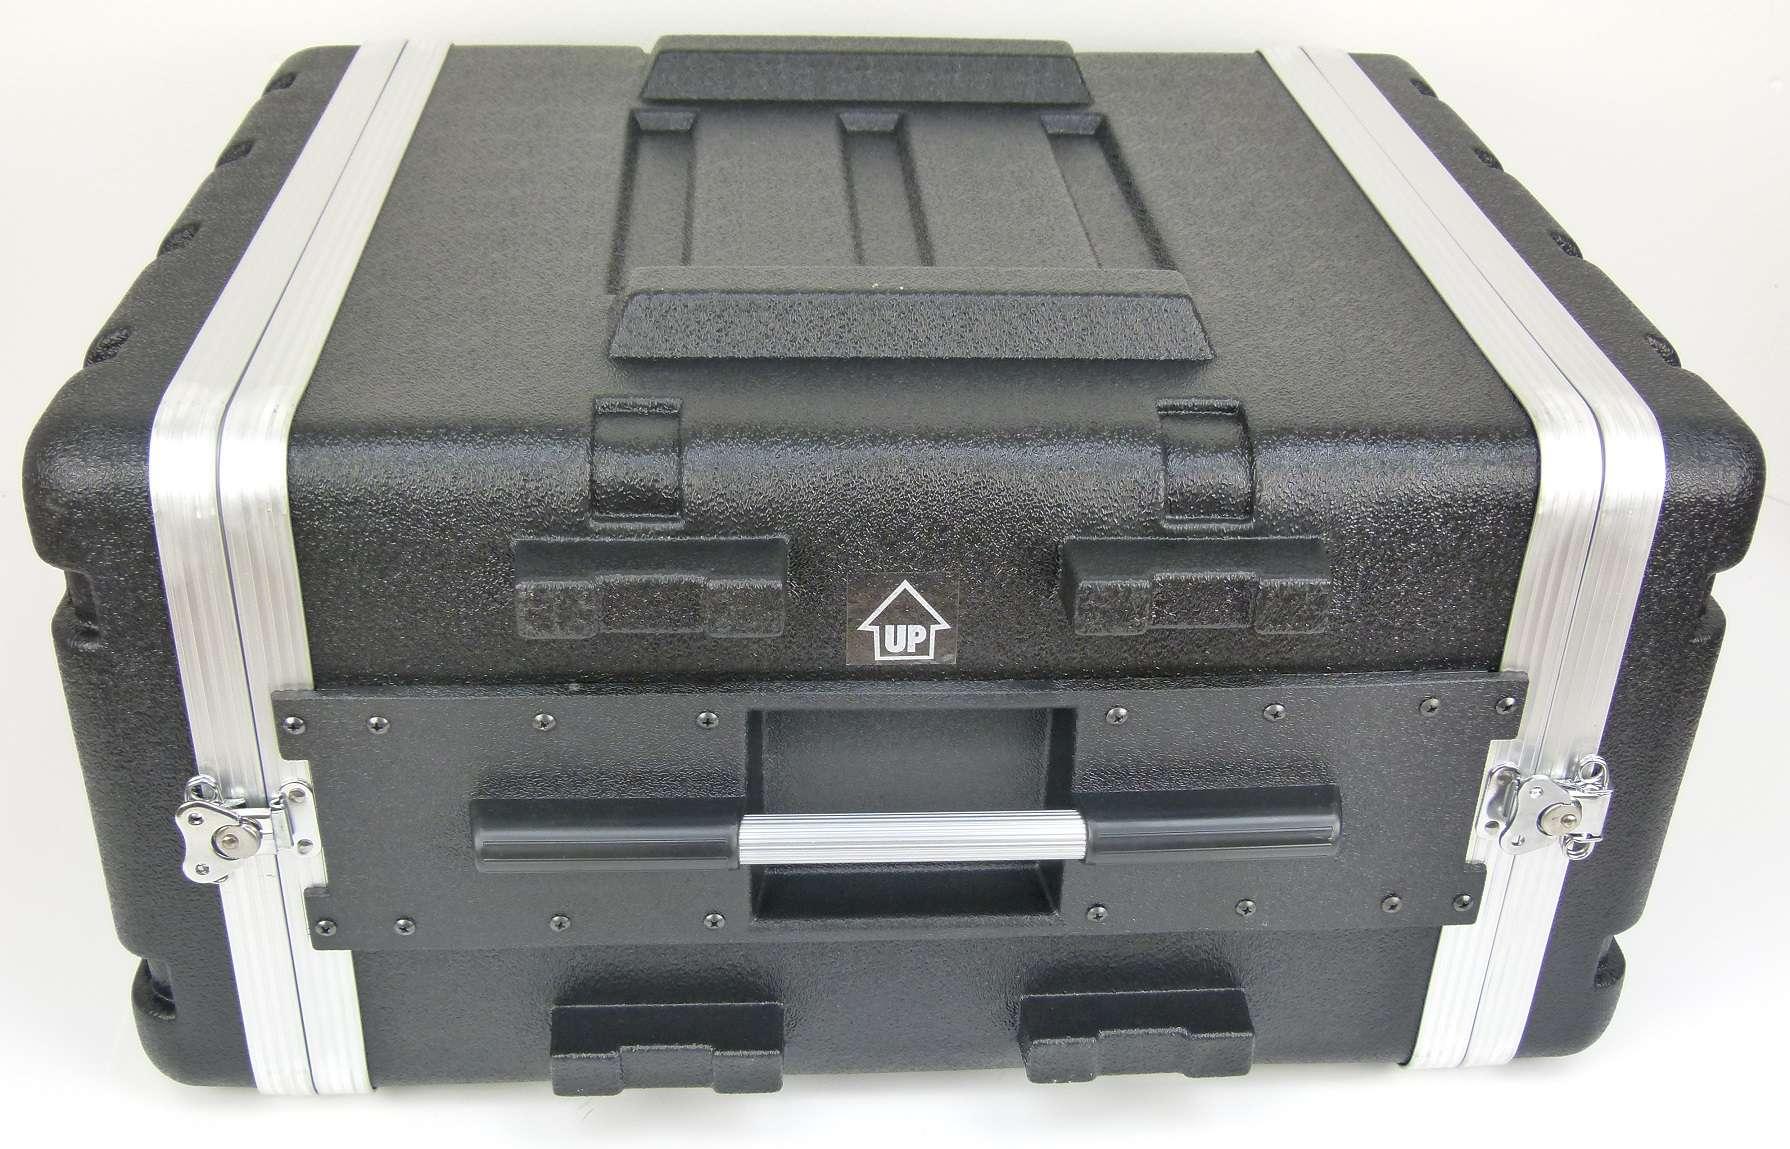 3HE ABS Kunststoffrack schwarz 3 HE Double Door Hartschlenrack Flightcase KR-19